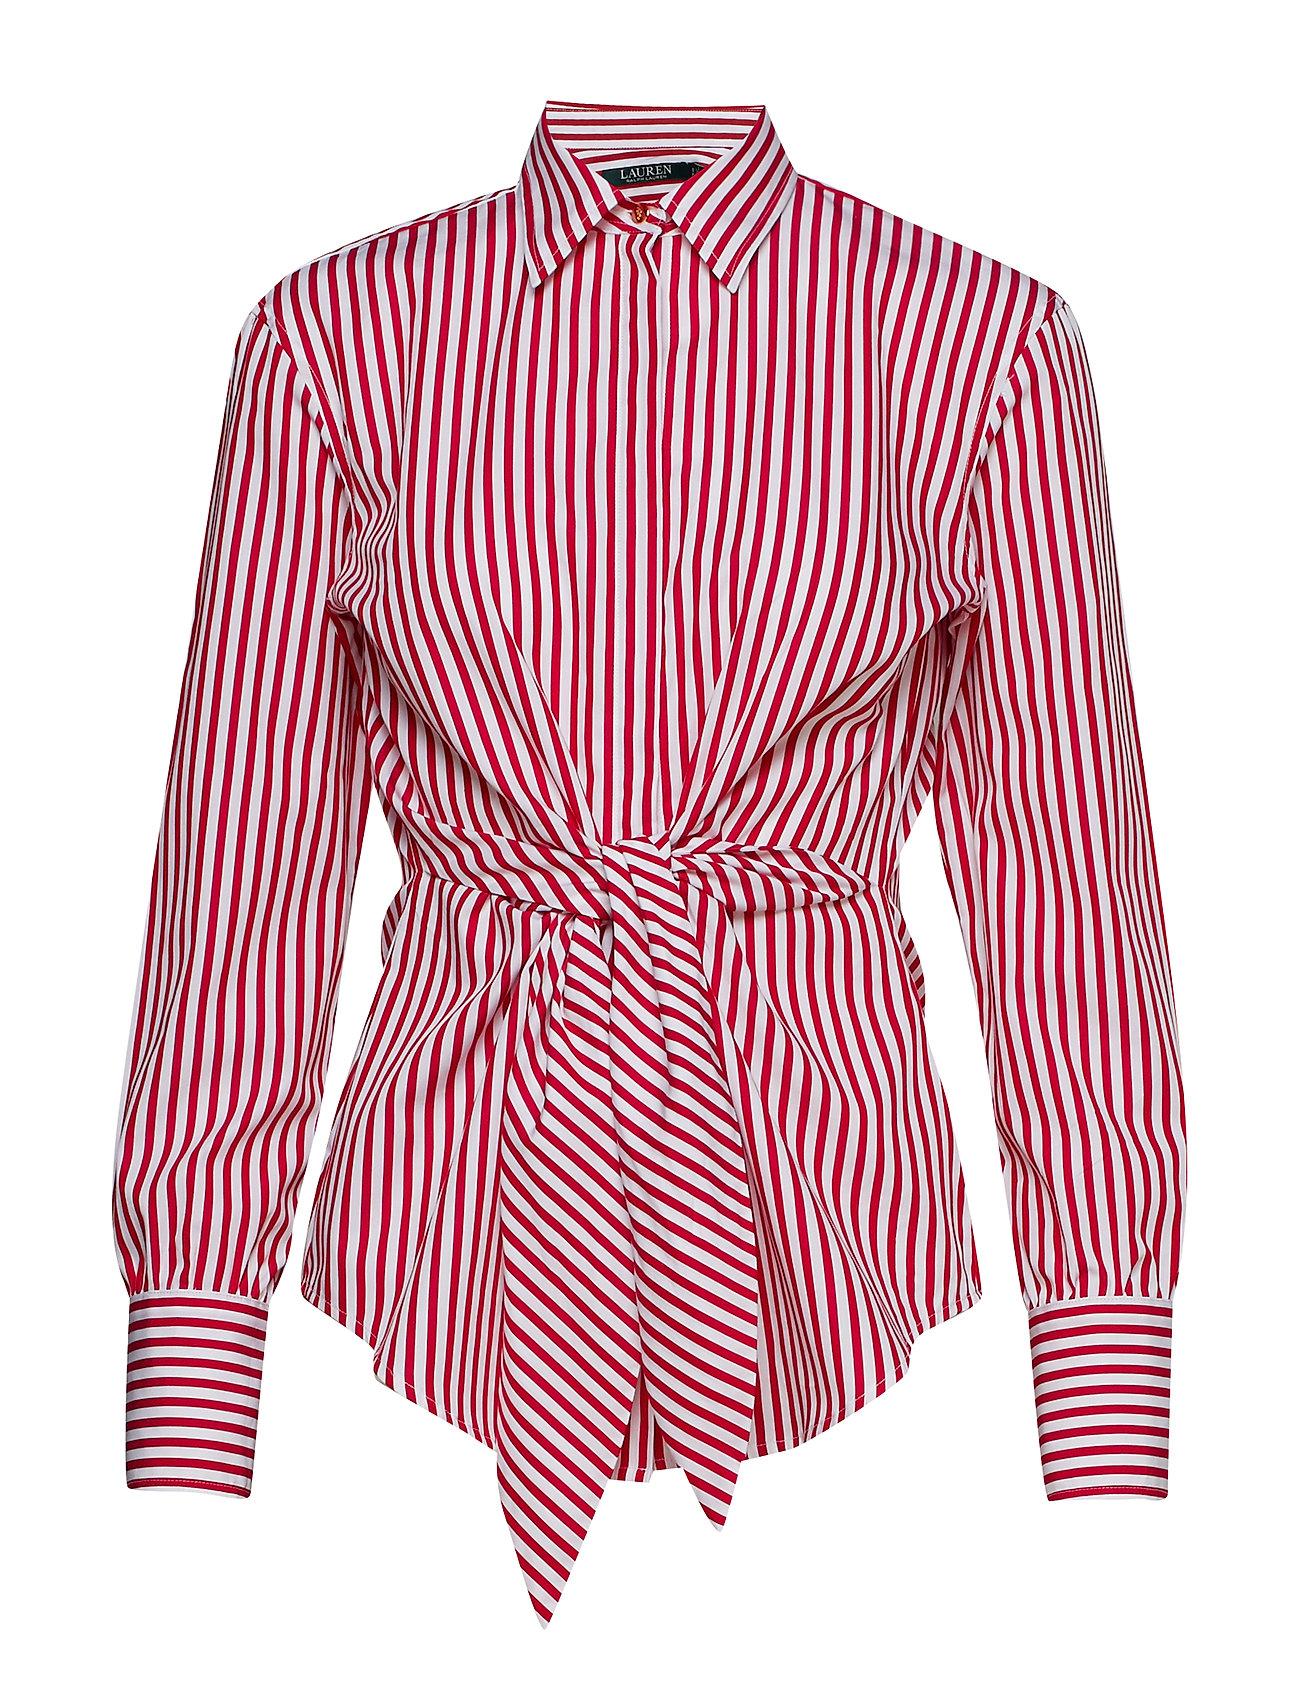 c58106eaf1d Striped Tie-front Cotton Shirt (White/lipstick Re) (£80.50) - Lauren ...